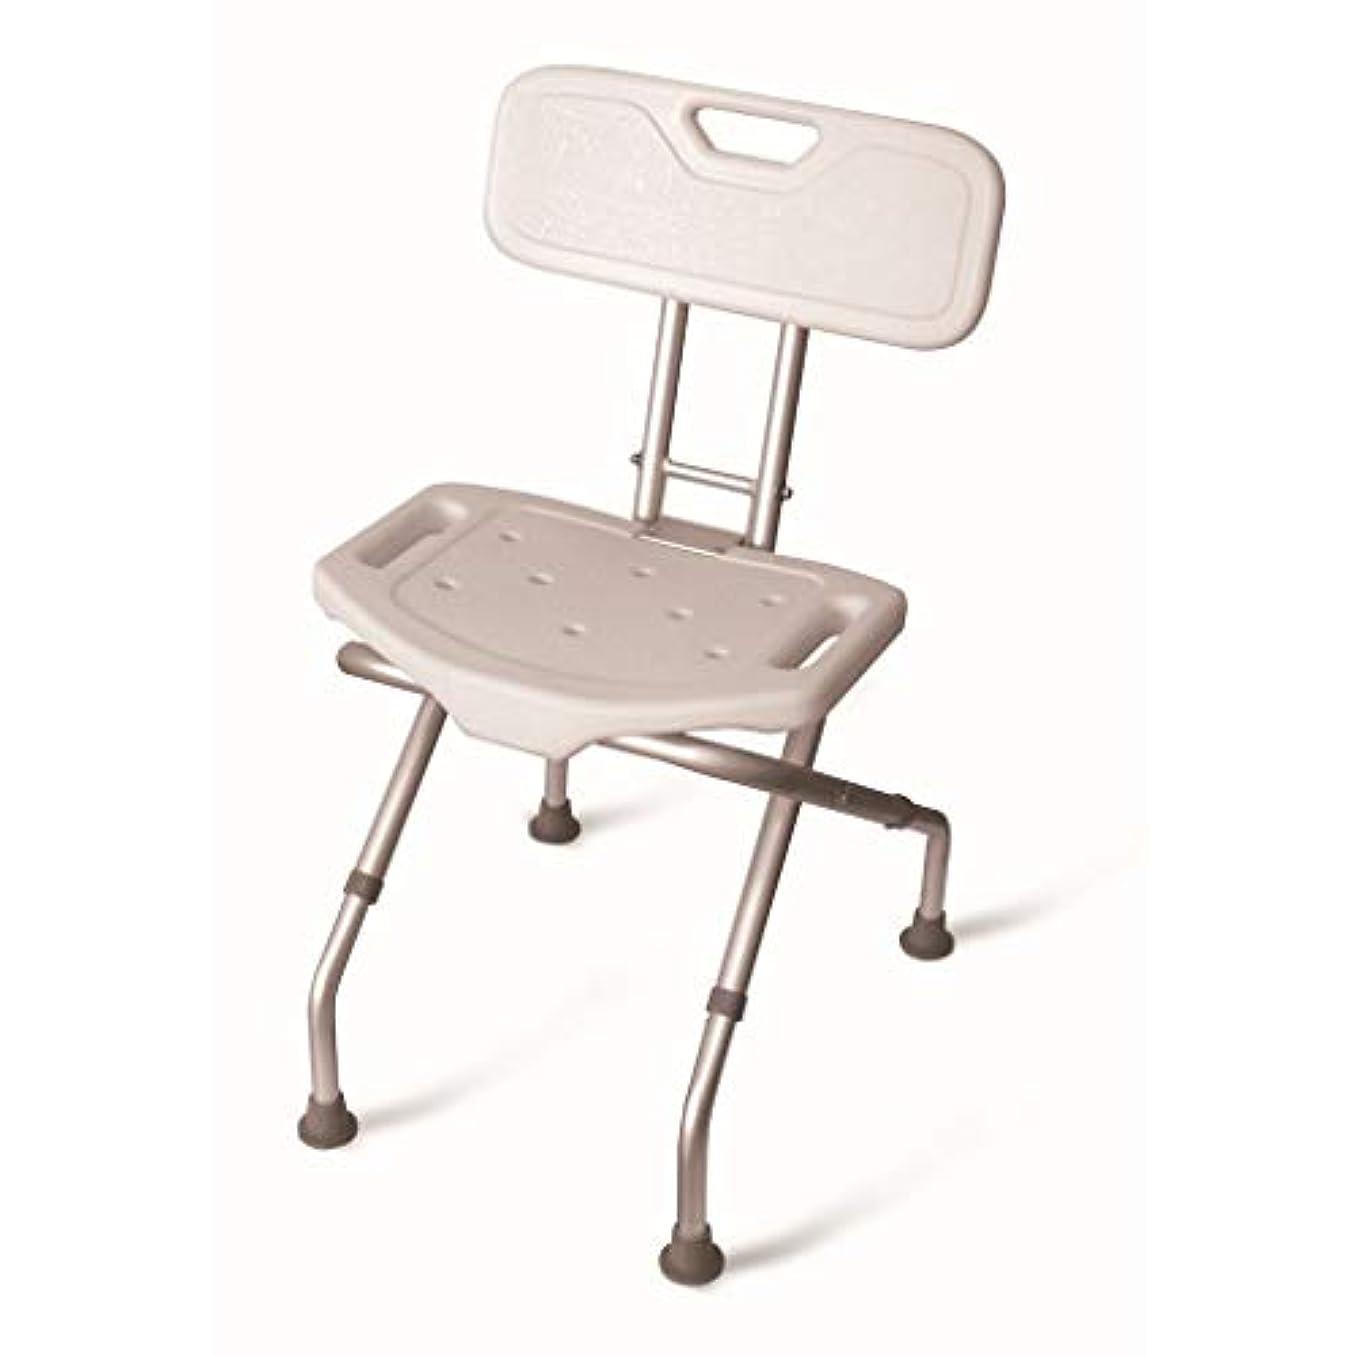 シャーアクティビティ裁定/高齢者/身体障害者/妊婦/風呂に適した背もたれシャワースツール調節可能な高さの折りたたみ式アルミ合金